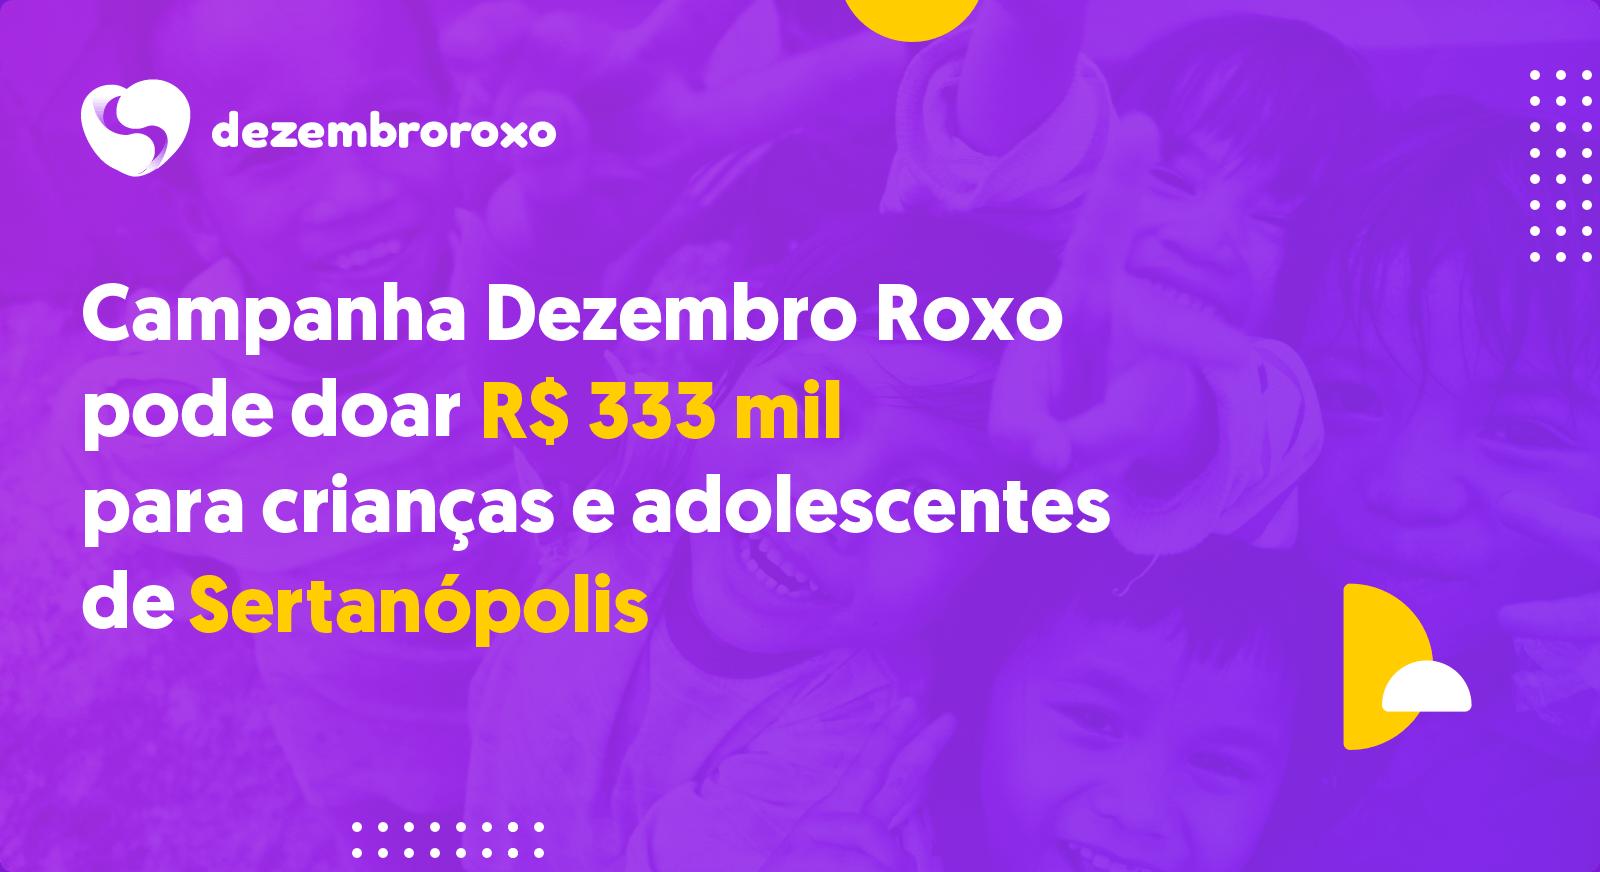 Doações em Sertanópolis - PR